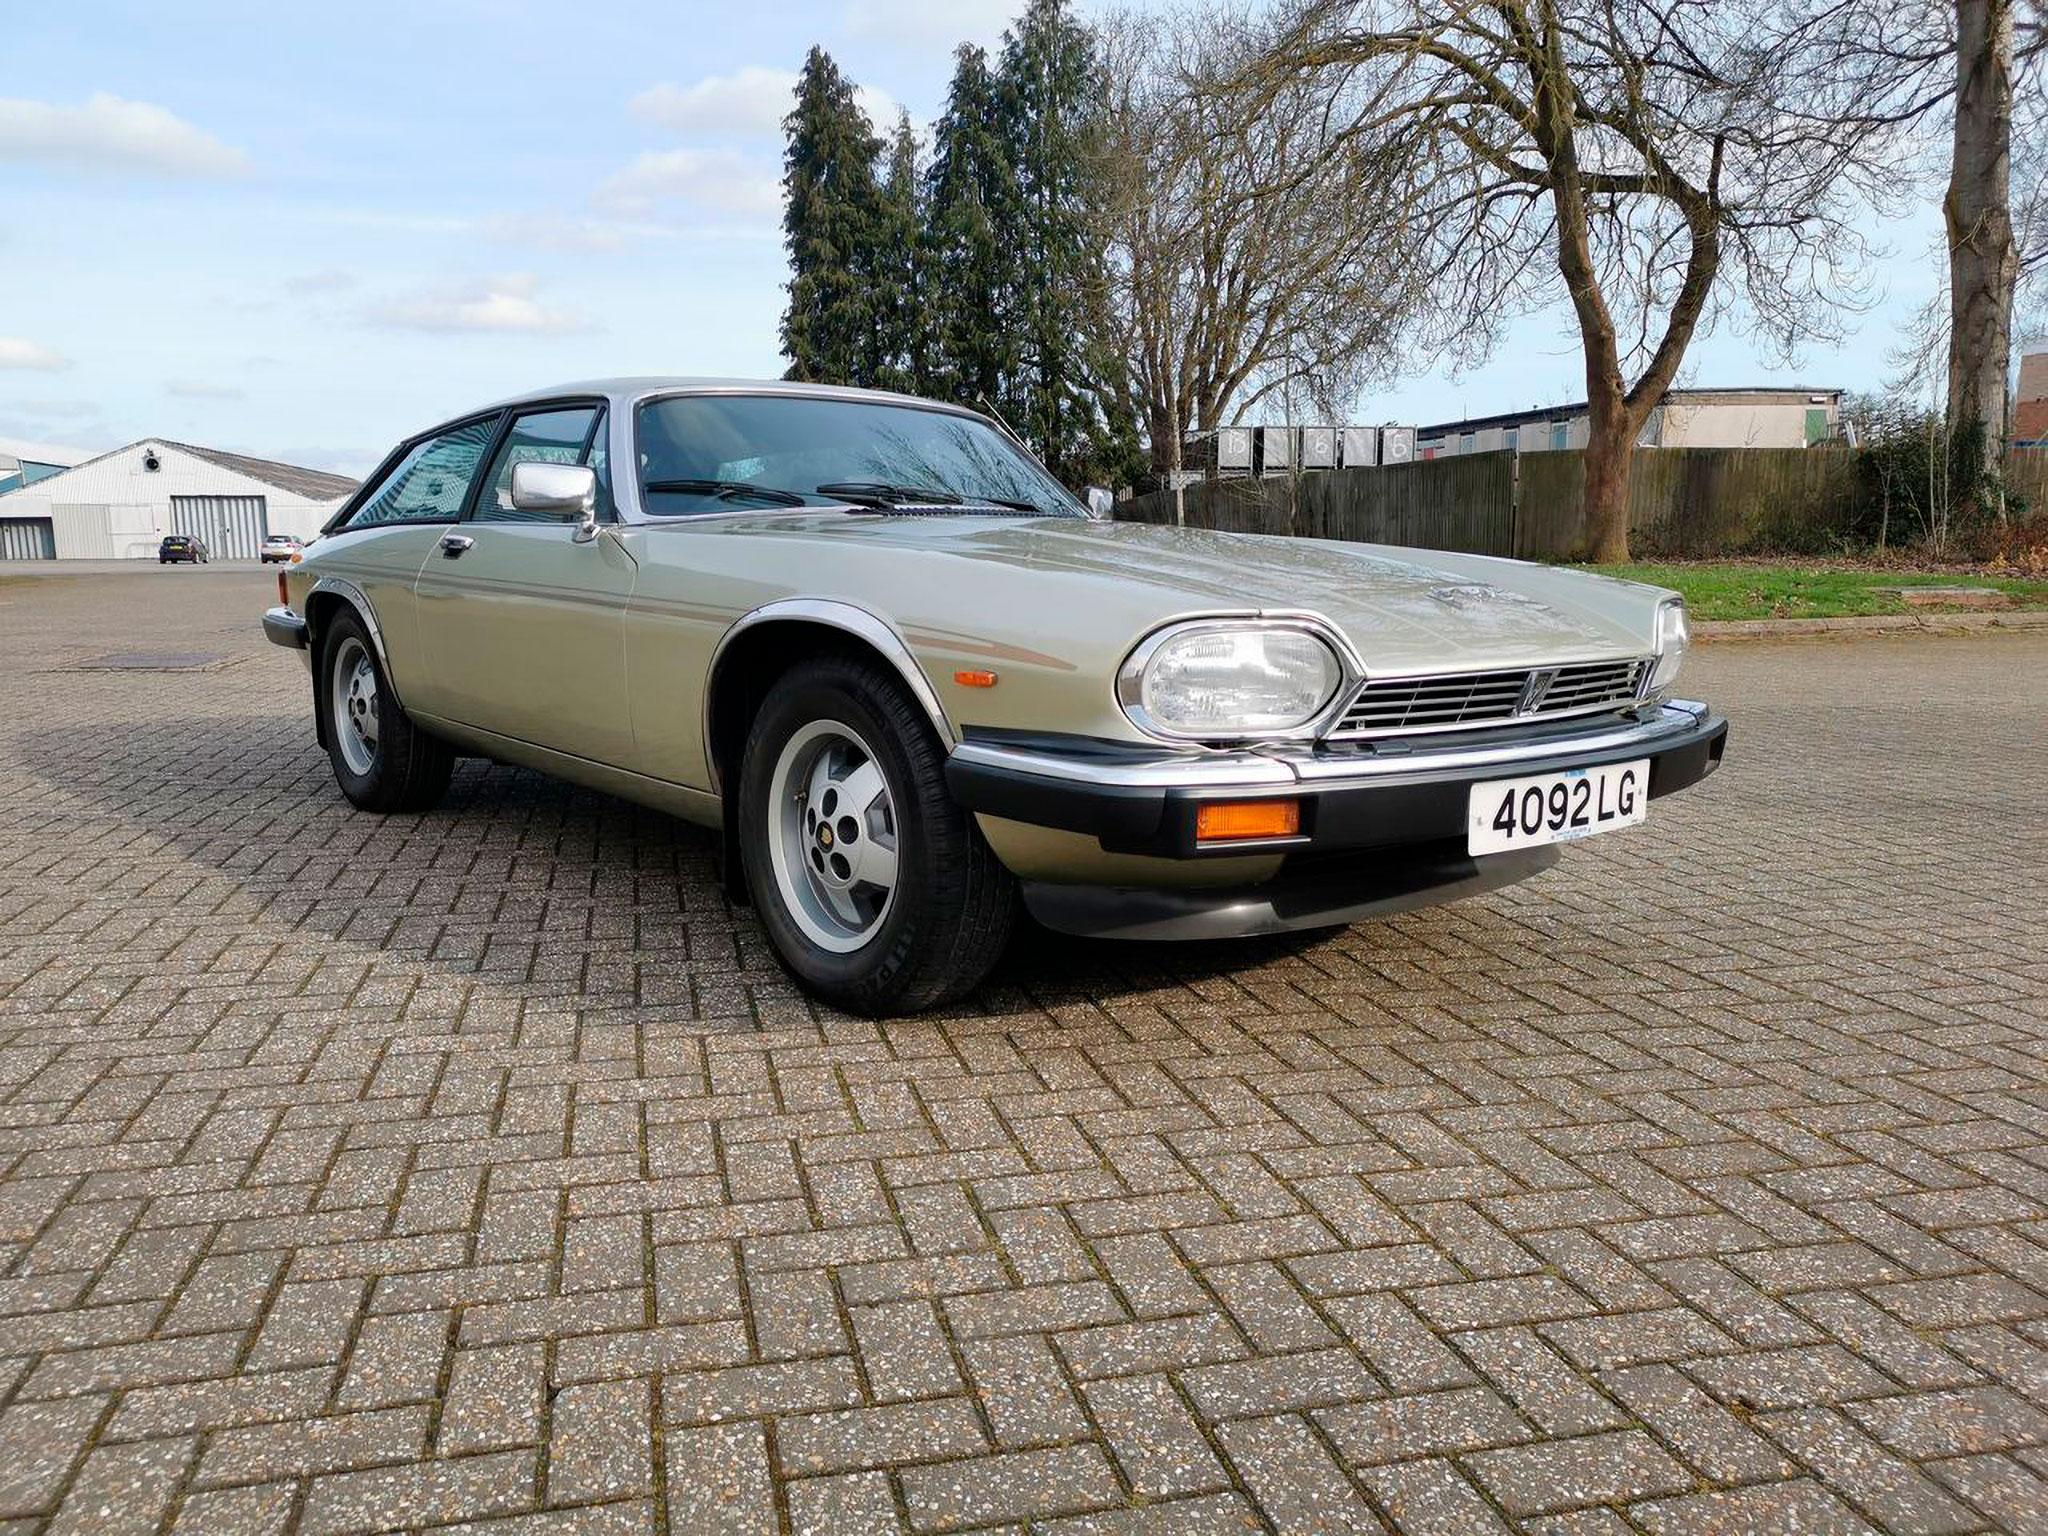 1983 Jaguar XJ-S HE 5.3 Lynx Eventer - £47,730 - Classic Car Auctions mars 2021.